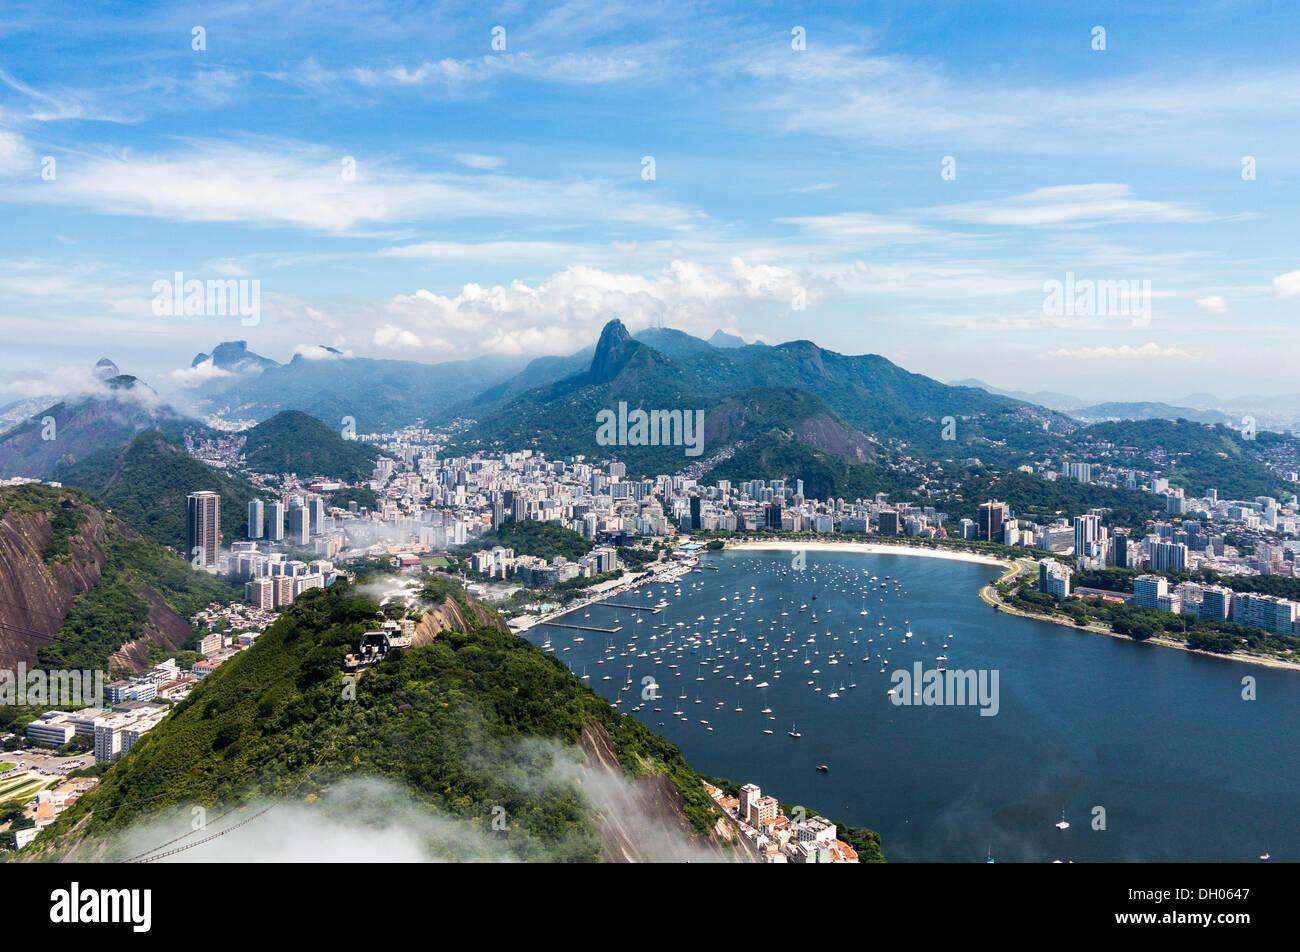 Vista aerea della città e del porto di Rio de Janeiro in Brasile dalla funivia sul Monte Sugarloaf Immagini Stock